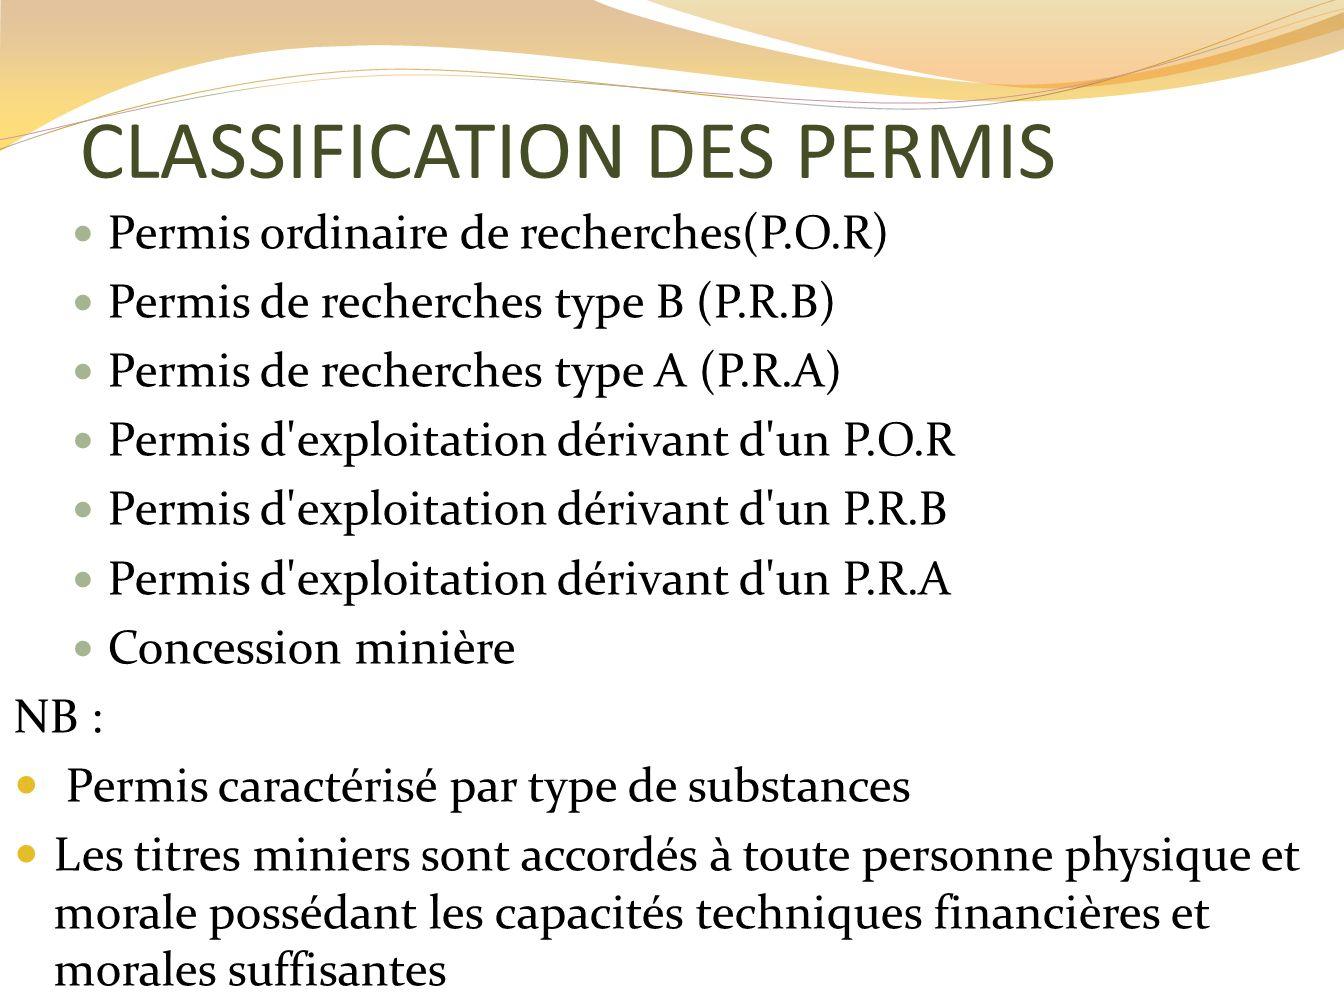 CLASSIFICATION DES PERMIS Permis ordinaire de recherches(P.O.R) Permis de recherches type B (P.R.B) Permis de recherches type A (P.R.A) Permis d'explo